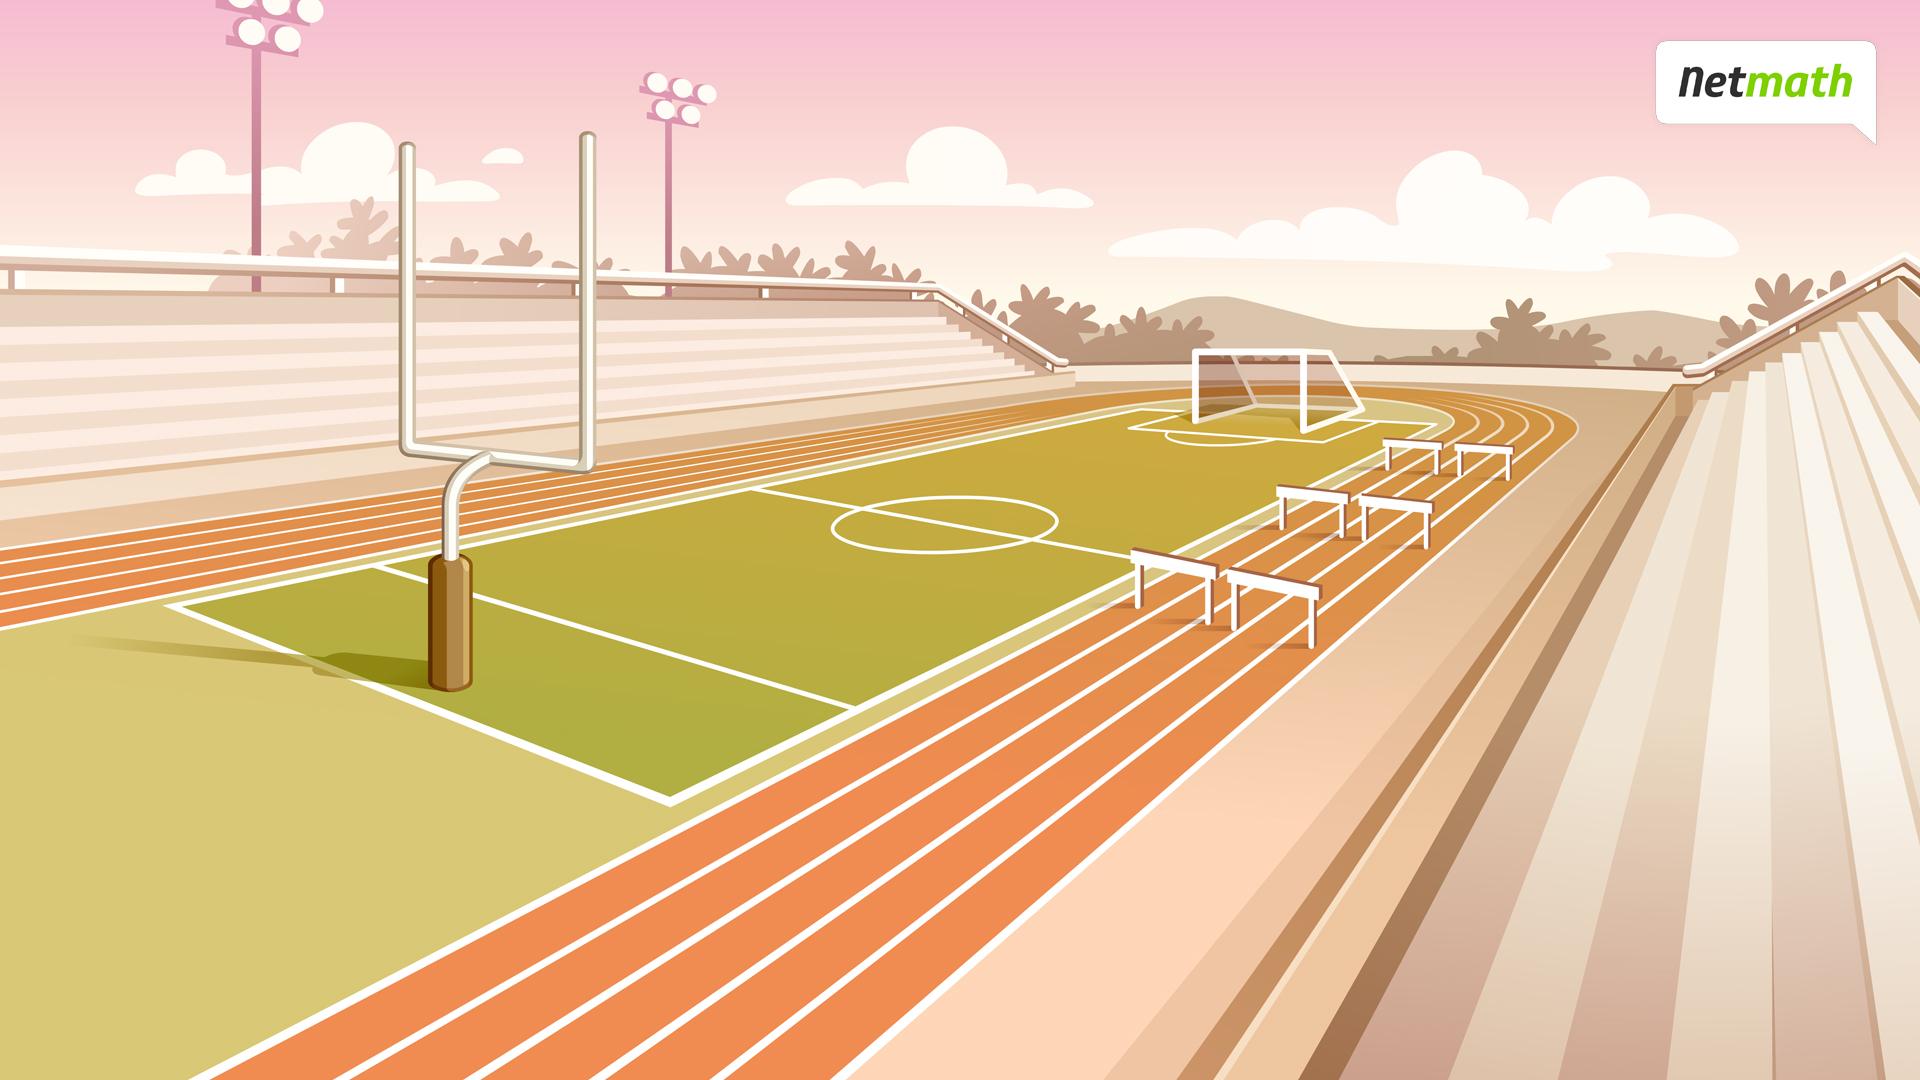 Netmath Stade Wallpaper